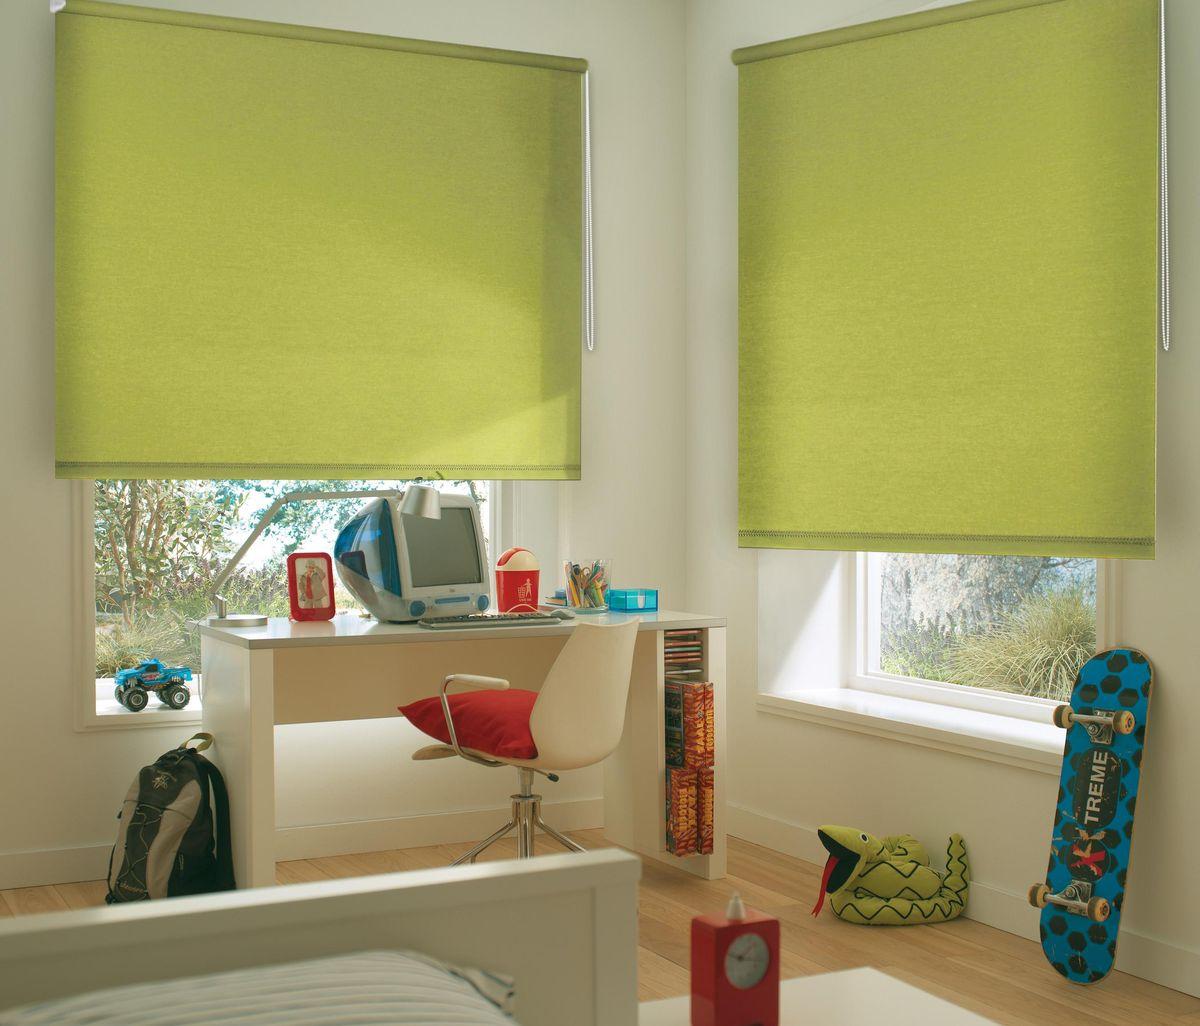 Штора рулонная Эскар, цвет: салатовый, ширина 60 см, высота 170 см80621Рулонными шторами можно оформлять окна как самостоятельно, так и использовать в комбинации с портьерами. Это поможет предотвратить выгорание дорогой ткани на солнце и соединит функционал рулонных с красотой навесных.Преимущества применения рулонных штор для пластиковых окон:- имеют прекрасный внешний вид: многообразие и фактурность материала изделия отлично смотрятся в любом интерьере; - многофункциональны: есть возможность подобрать шторы способные эффективно защитить комнату от солнца, при этом о на не будет слишком темной. - Есть возможность осуществить быстрый монтаж. ВНИМАНИЕ! Размеры ширины изделия указаны по ширине ткани!Во время эксплуатации не рекомендуется полностью разматывать рулон, чтобы не оторвать ткань от намоточного вала.В случае загрязнения поверхности ткани, чистку шторы проводят одним из способов, в зависимости от типа загрязнения: легкое поверхностное загрязнение можно удалить при помощи канцелярского ластика; чистка от пыли производится сухим методом при помощи пылесоса с мягкой щеткой-насадкой; для удаления пятна используйте мягкую губку с пенообразующим неагрессивным моющим средством или пятновыводитель на натуральной основе (нельзя применять растворители).